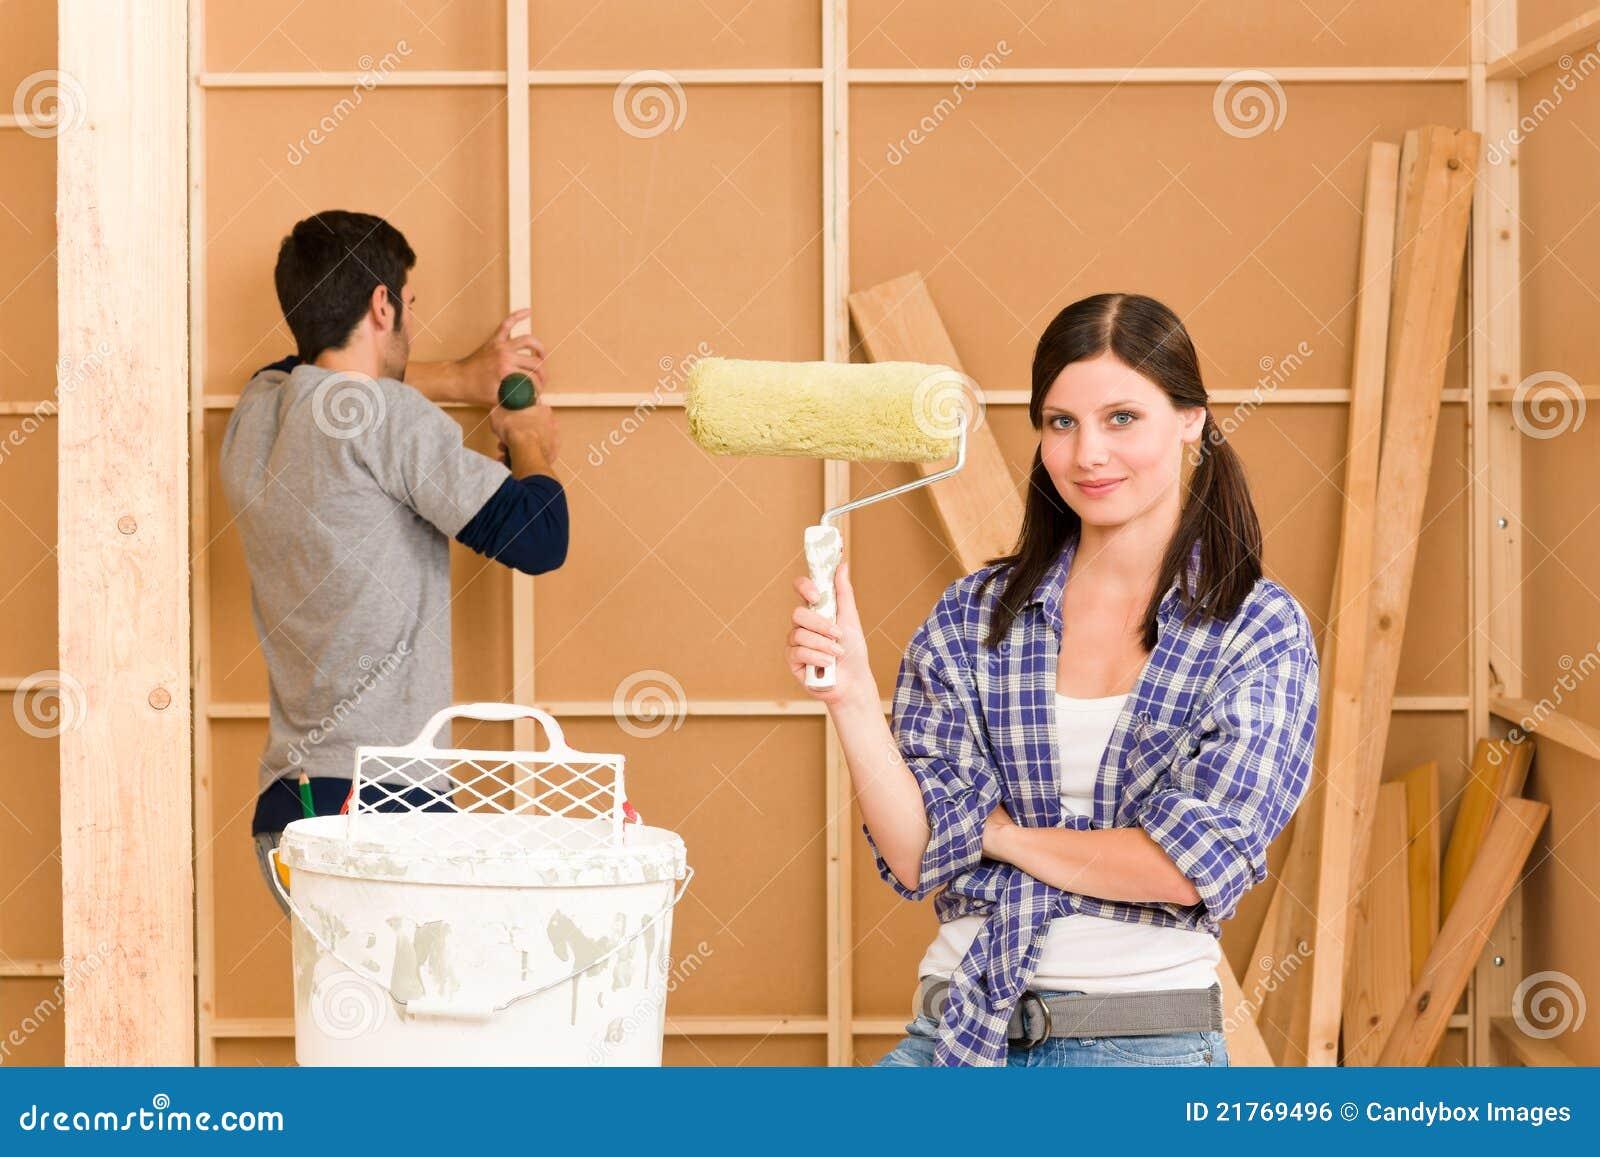 Hauptverbesserung: junge Paare, die neues Haus reparieren